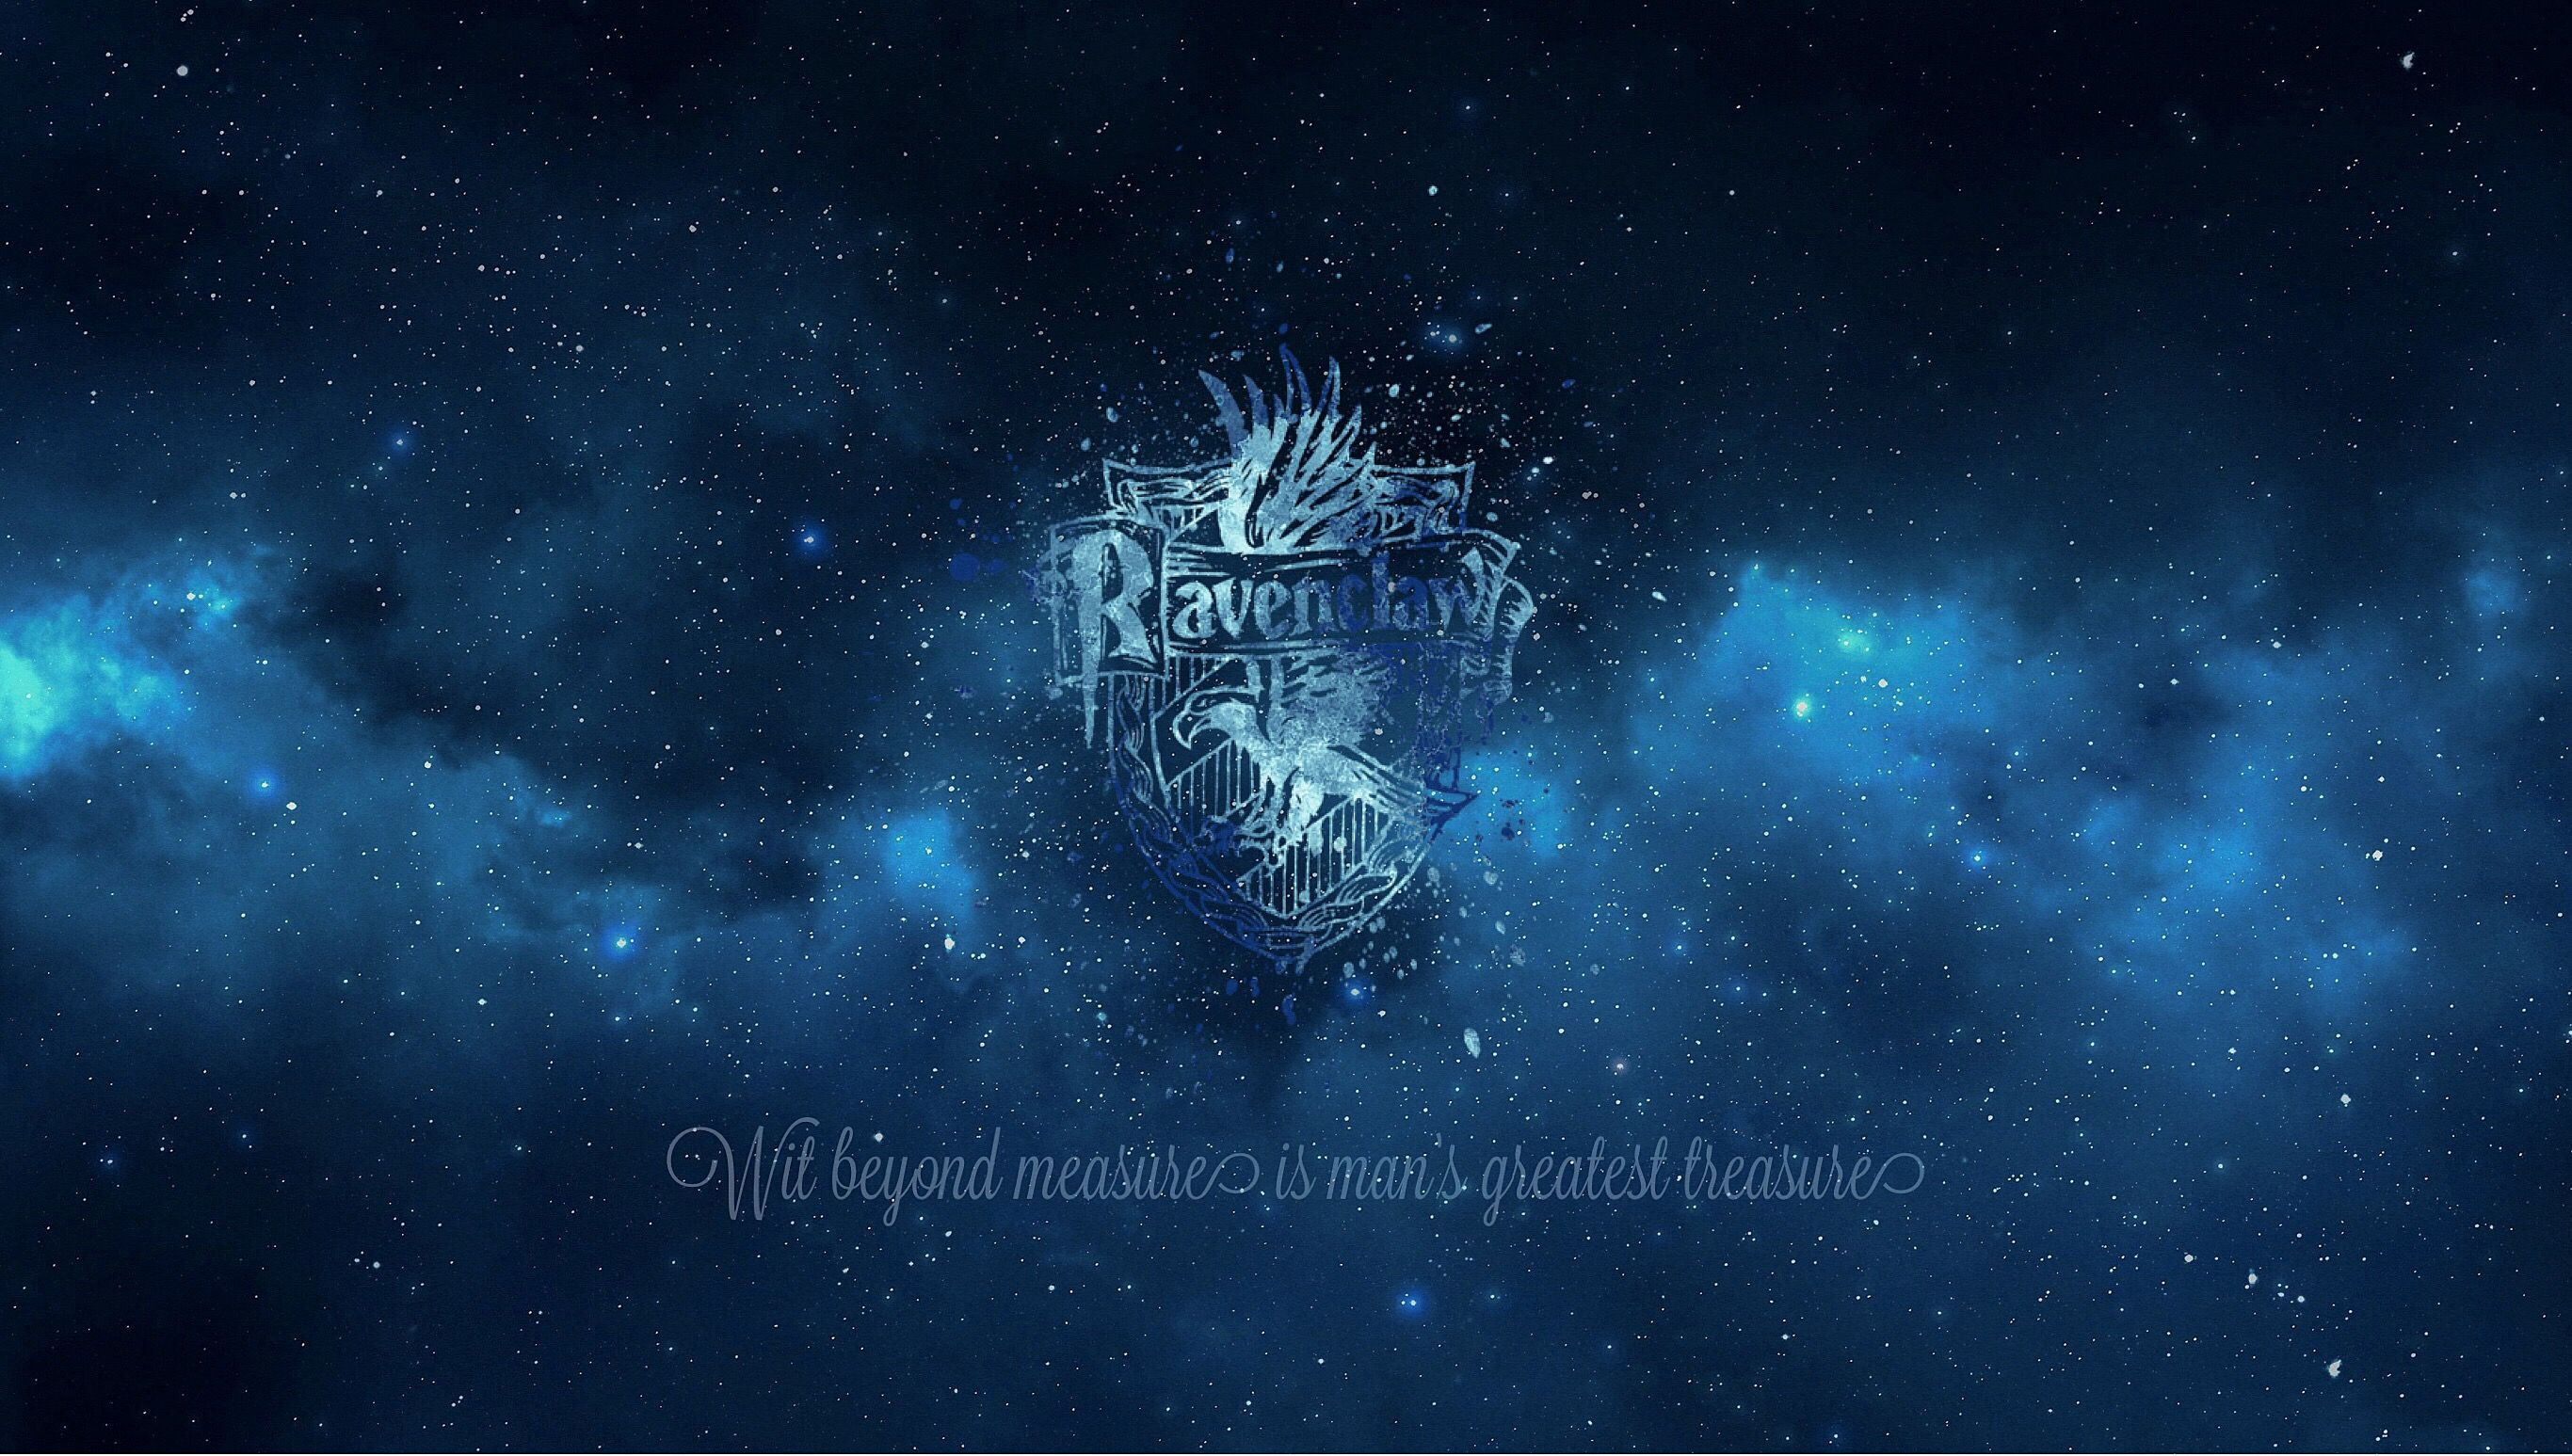 Ravenclaw Wallpaper Imagem De Fundo De Computador Corvinal Ravenclaw